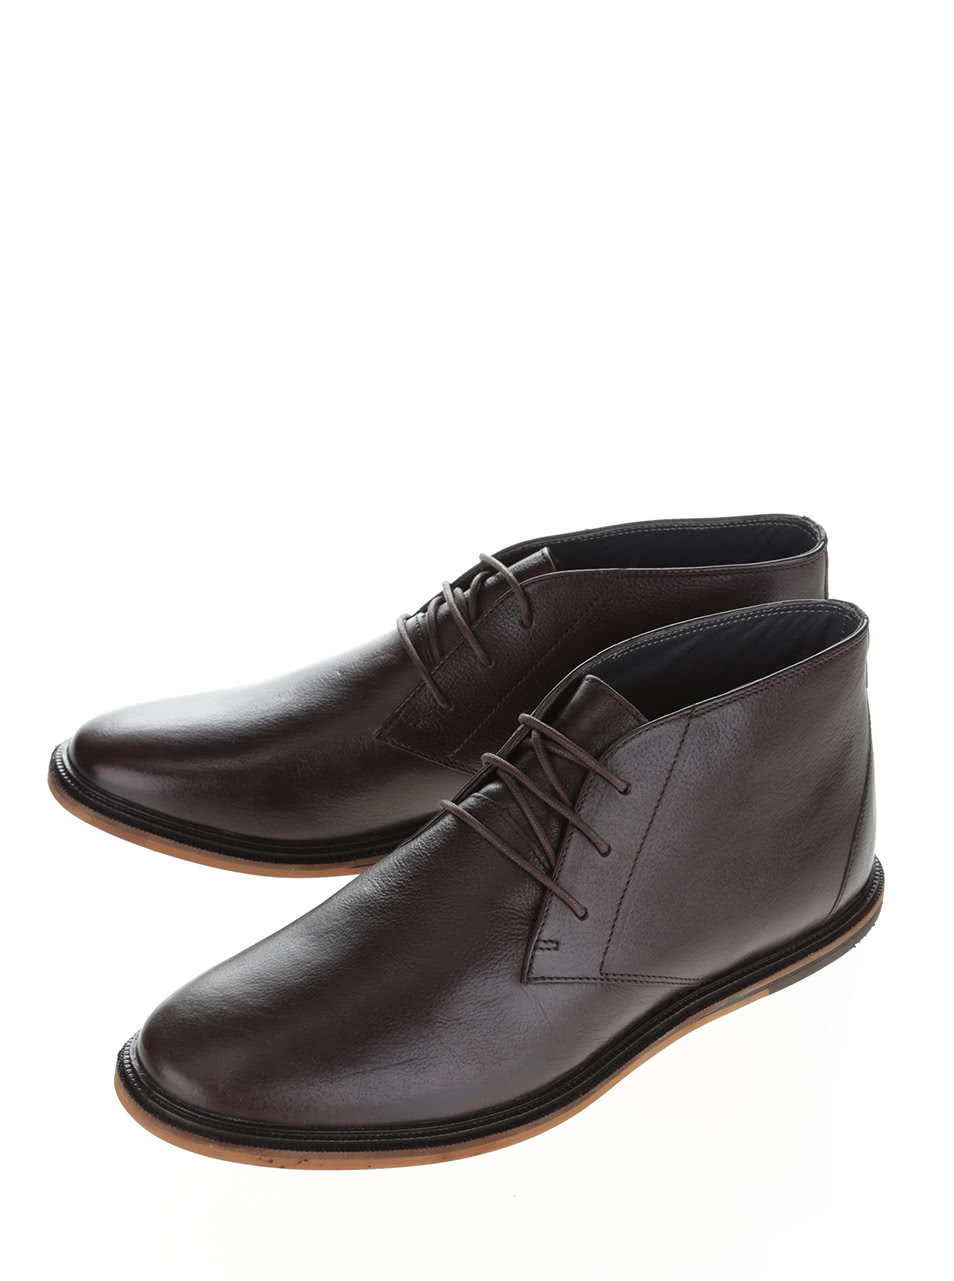 10b8299b154 Tmavě hnědé kožené kotníkové boty Frank Wright Walker ...